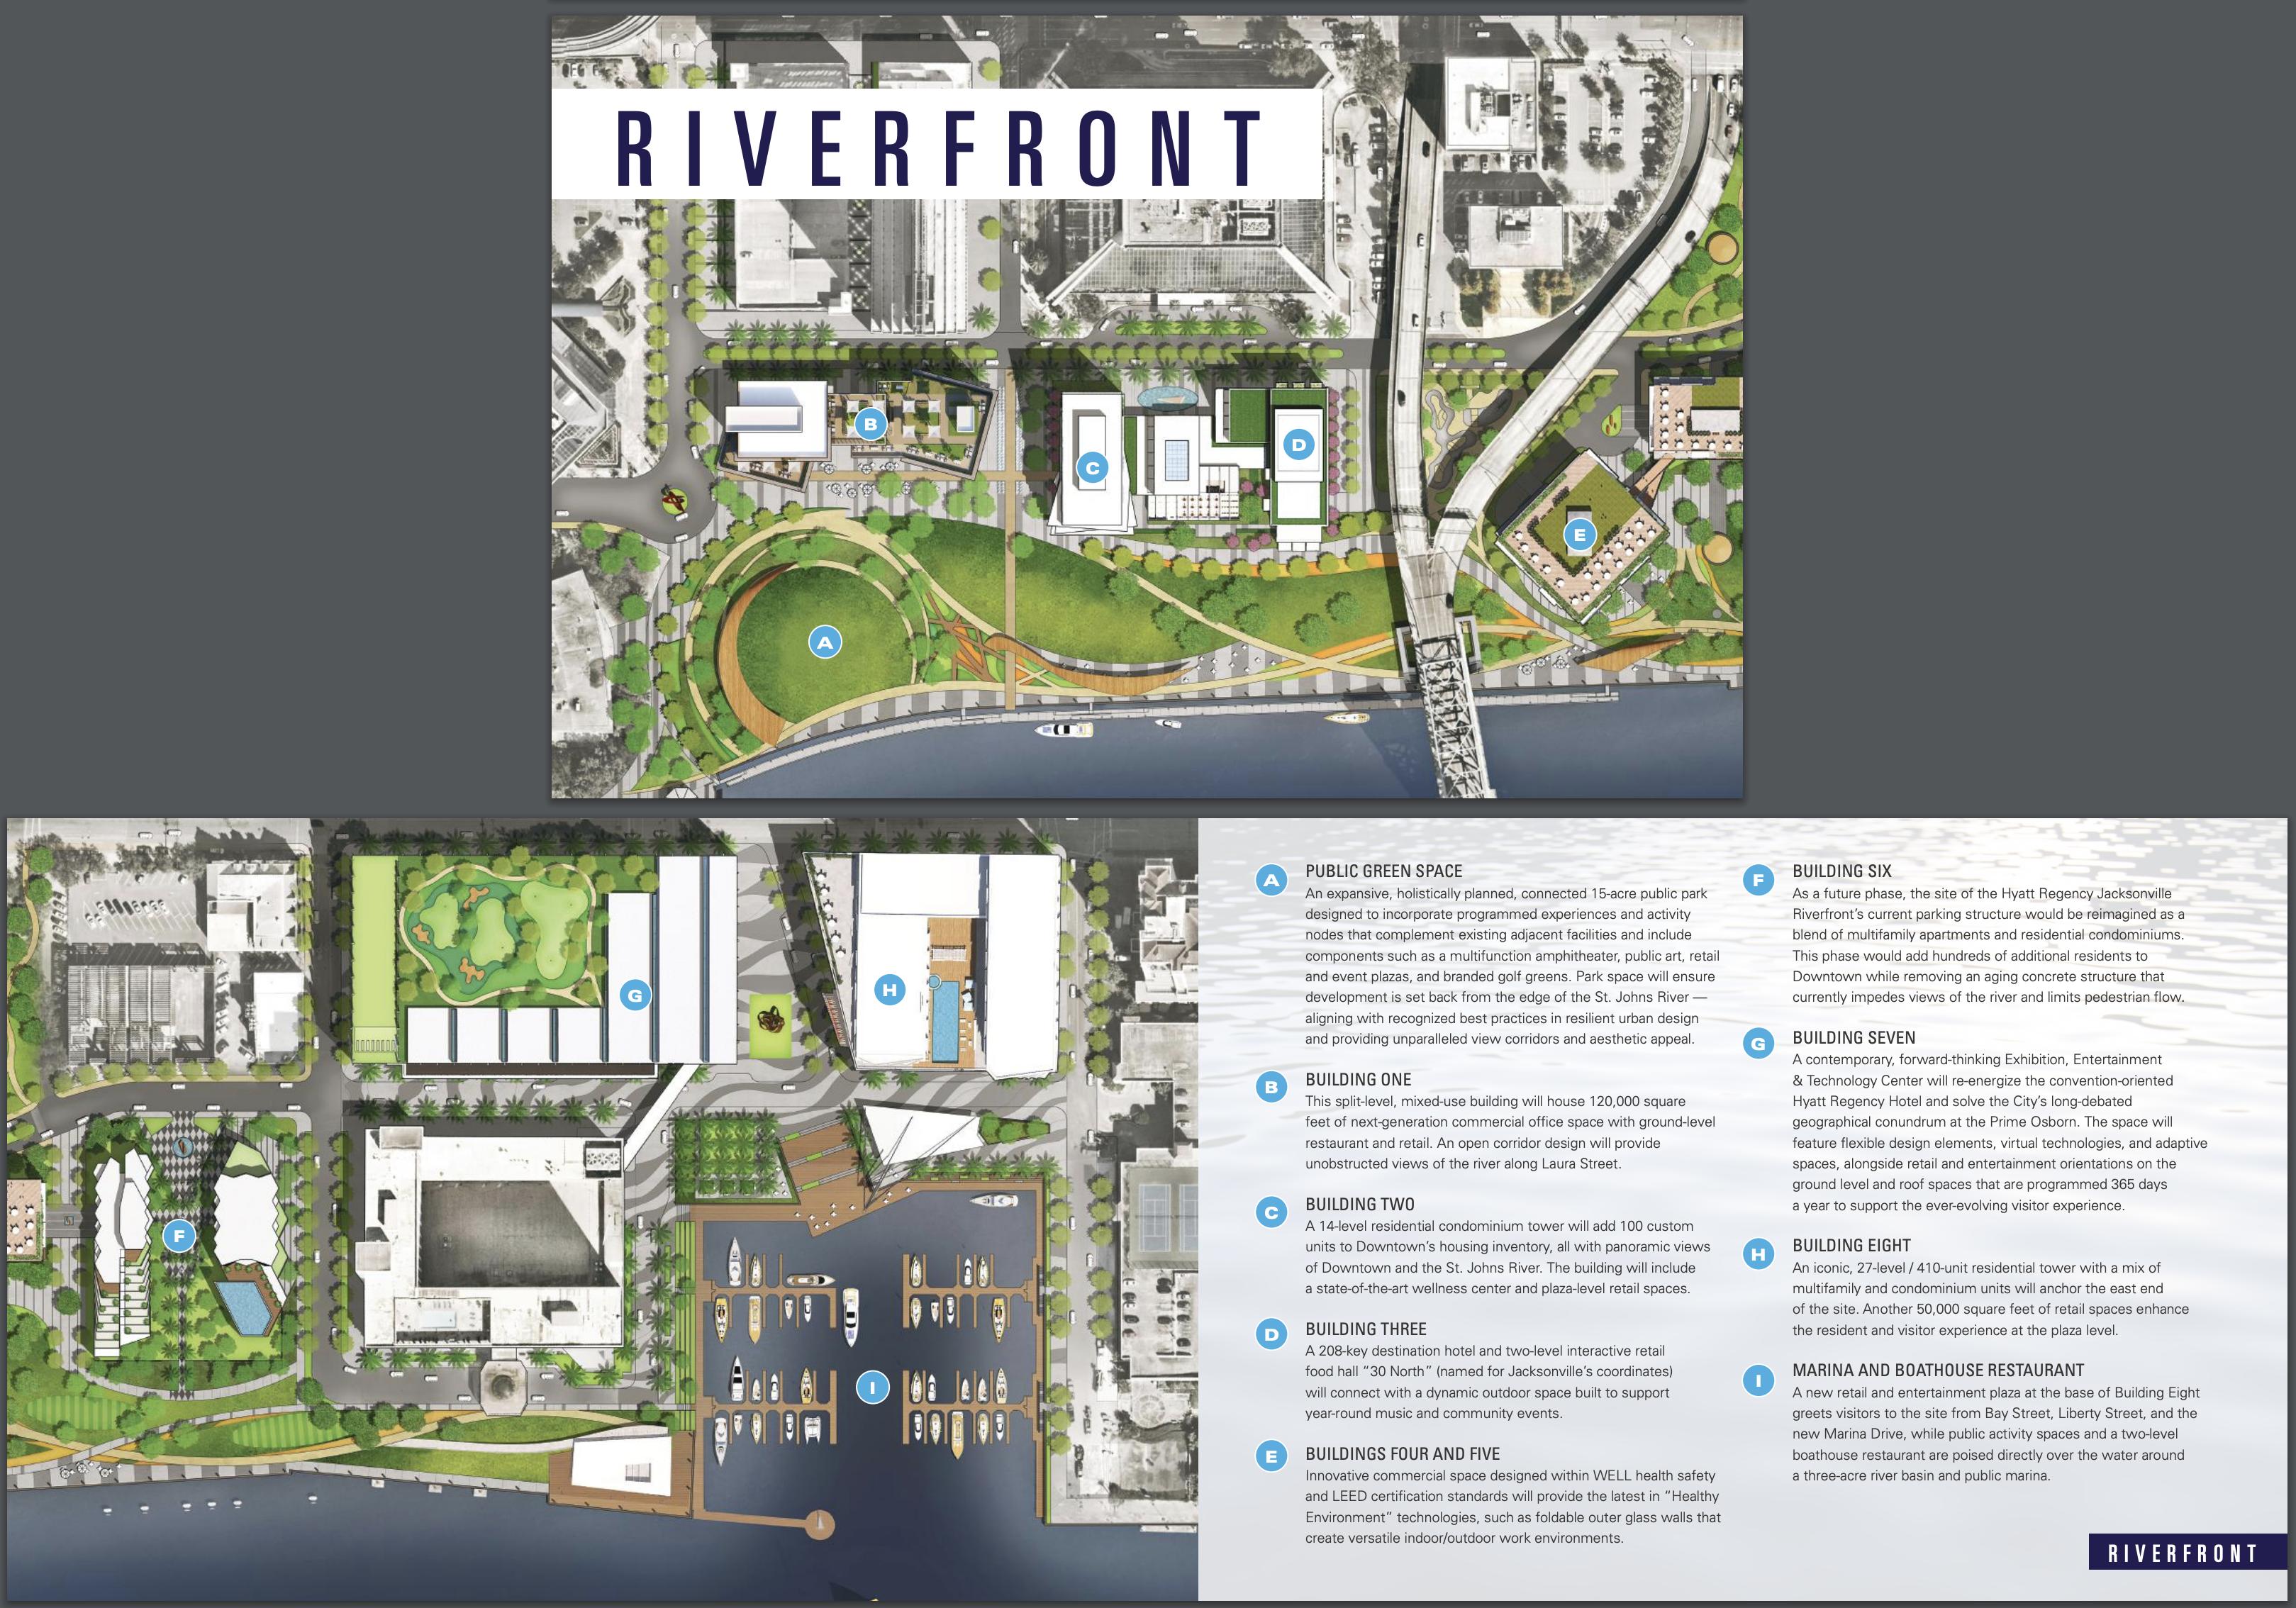 Riverfront Jacksonville. Designed by Gensler.